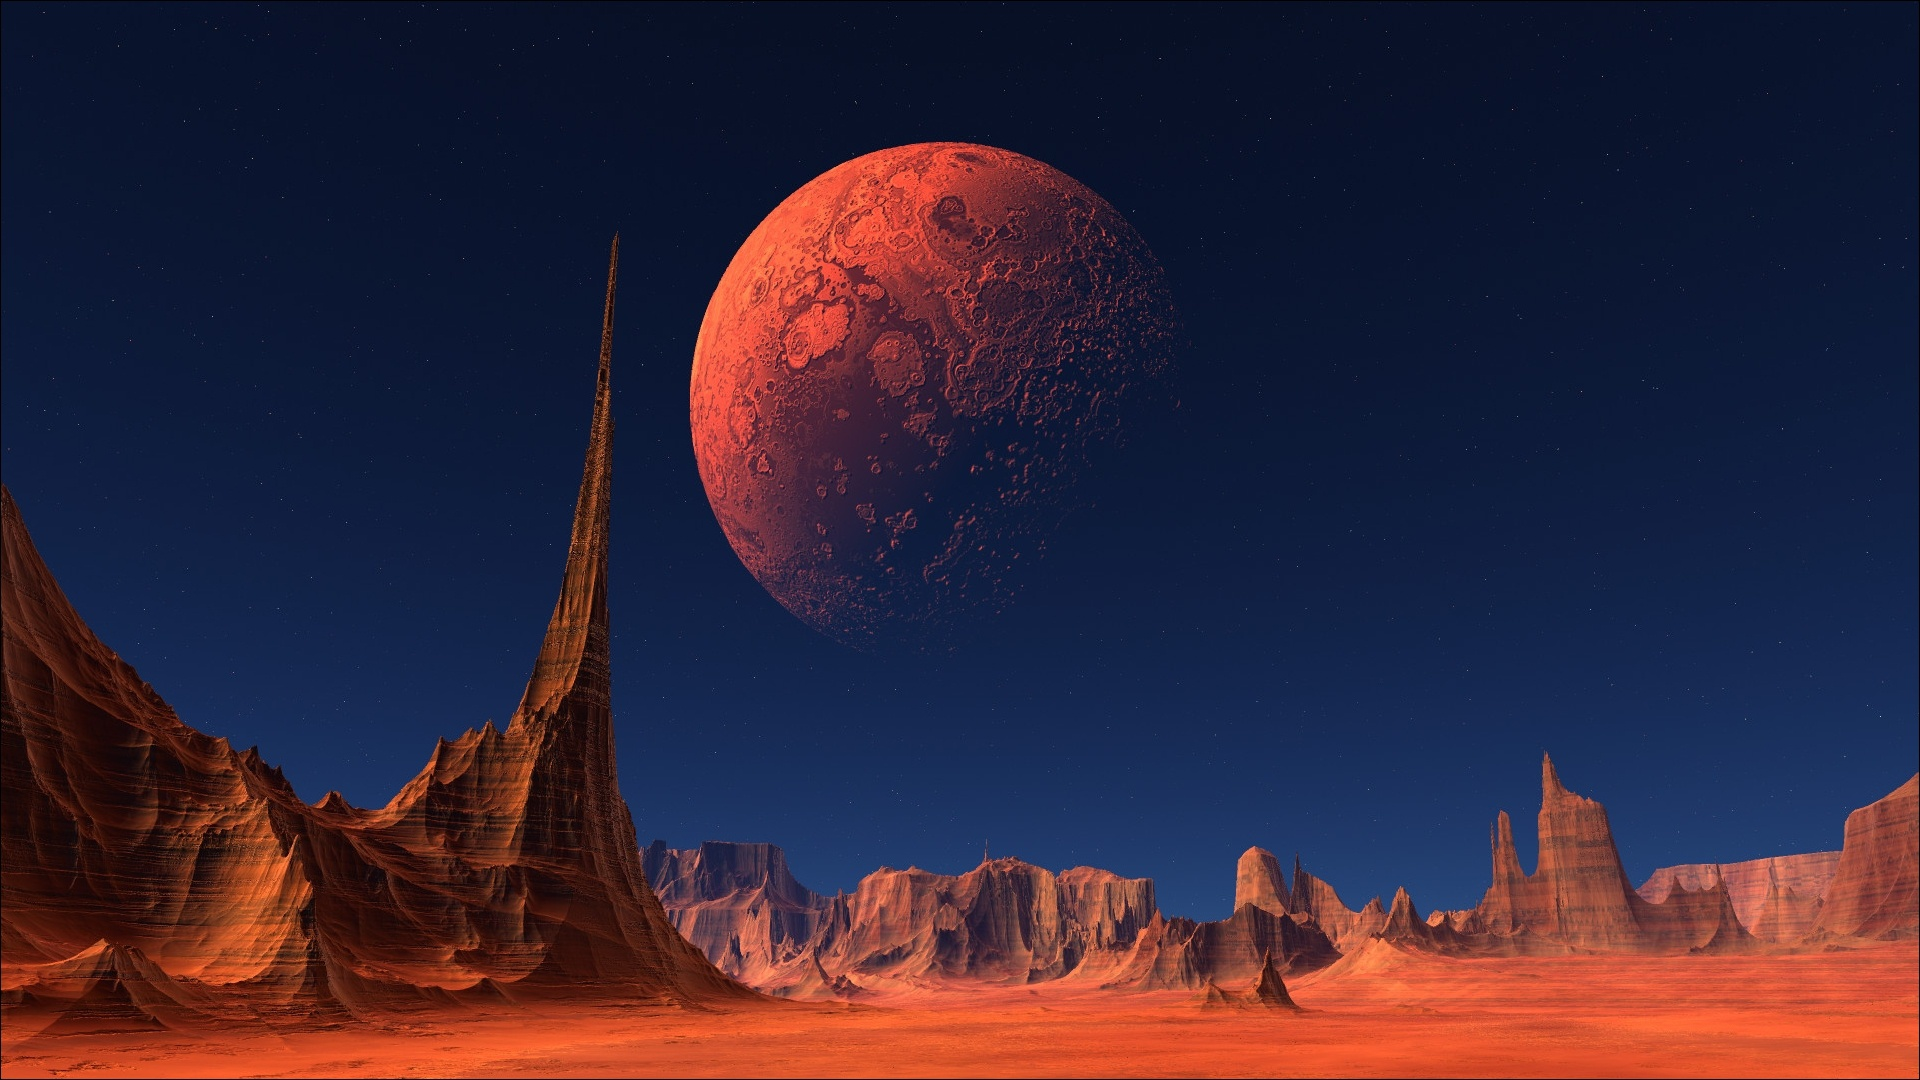 смотреть картинки других планет чтобы